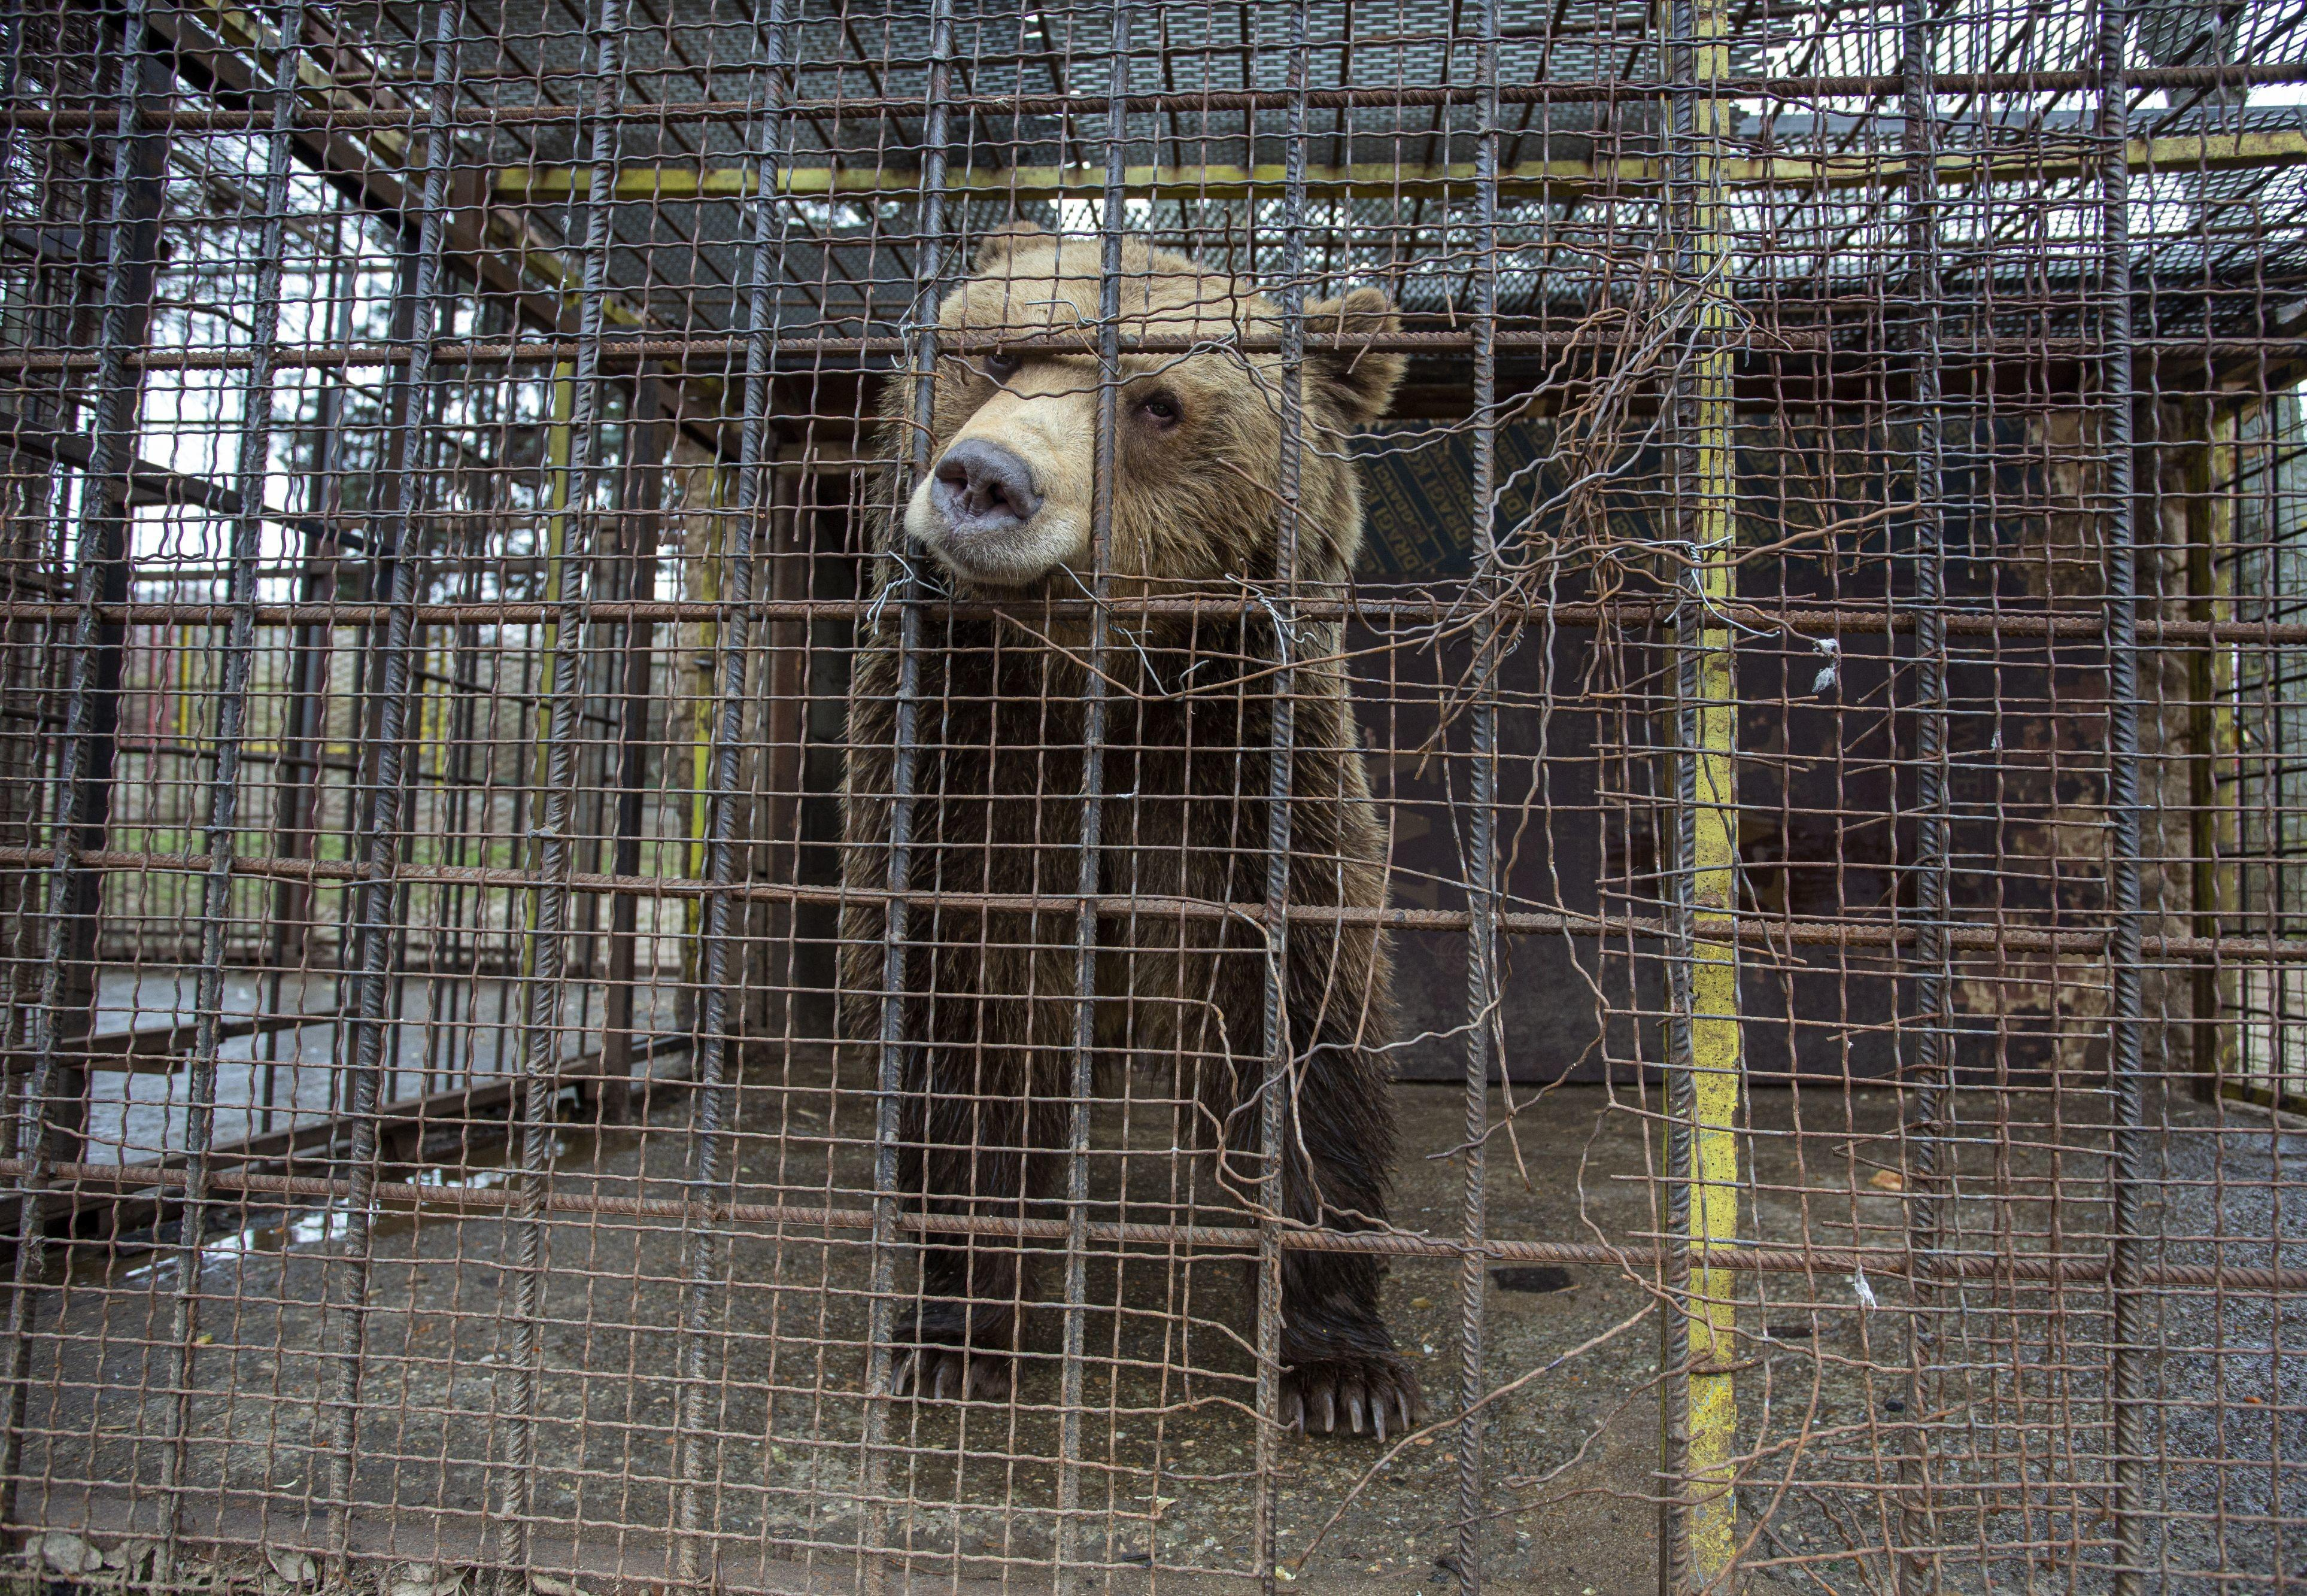 Bär Teddy im winzigen Käfig